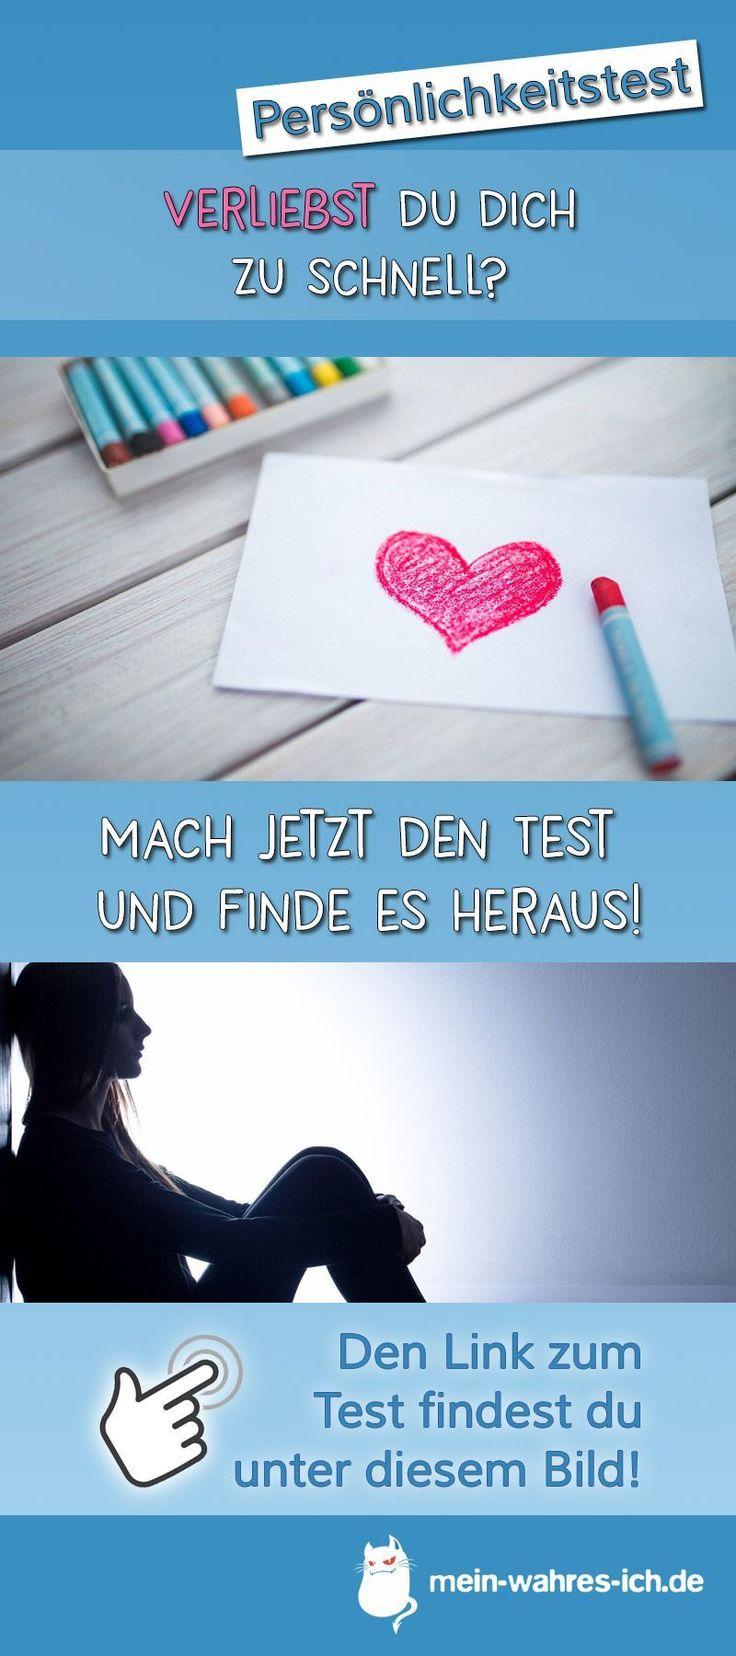 Verliebst du dich zu schnell? Teste dich jetzt! #